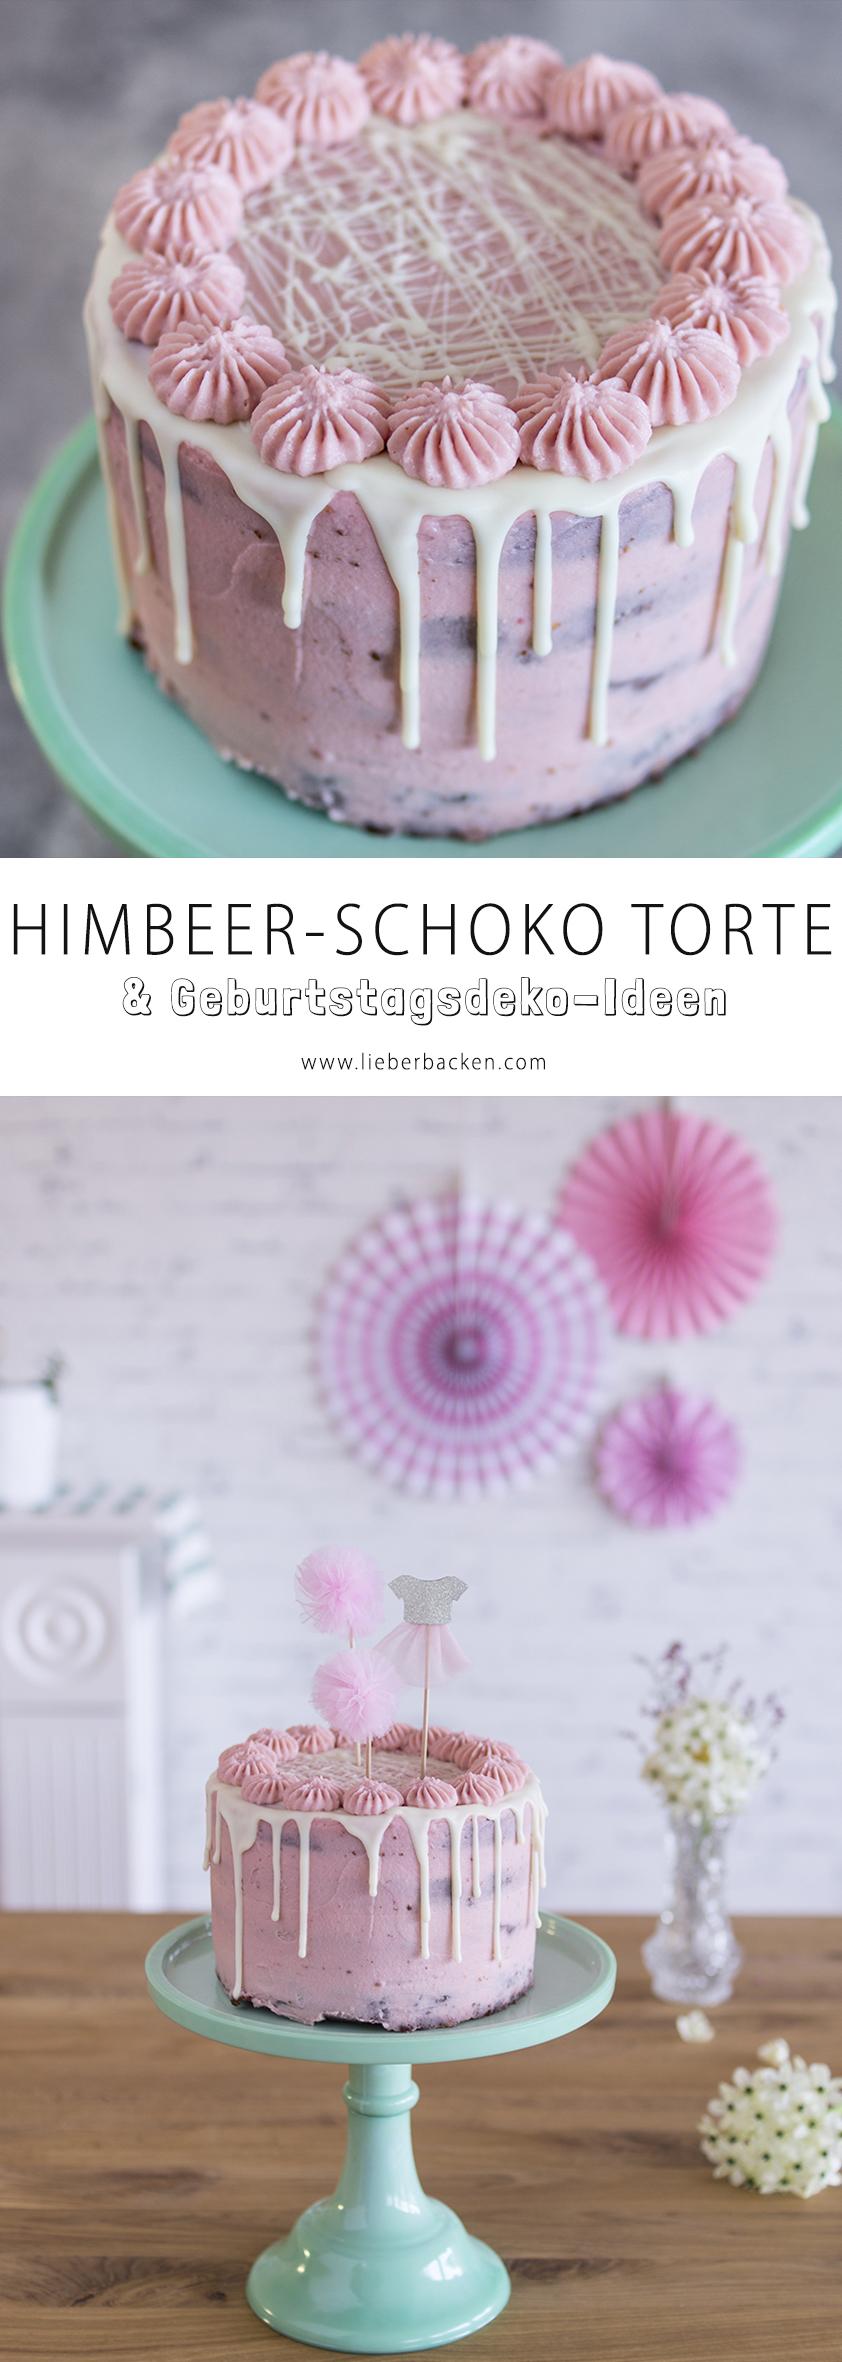 Himbeer Schoko Torte und Geburtstagsdeko-Ideen für einen Mädchen-Geburtstag